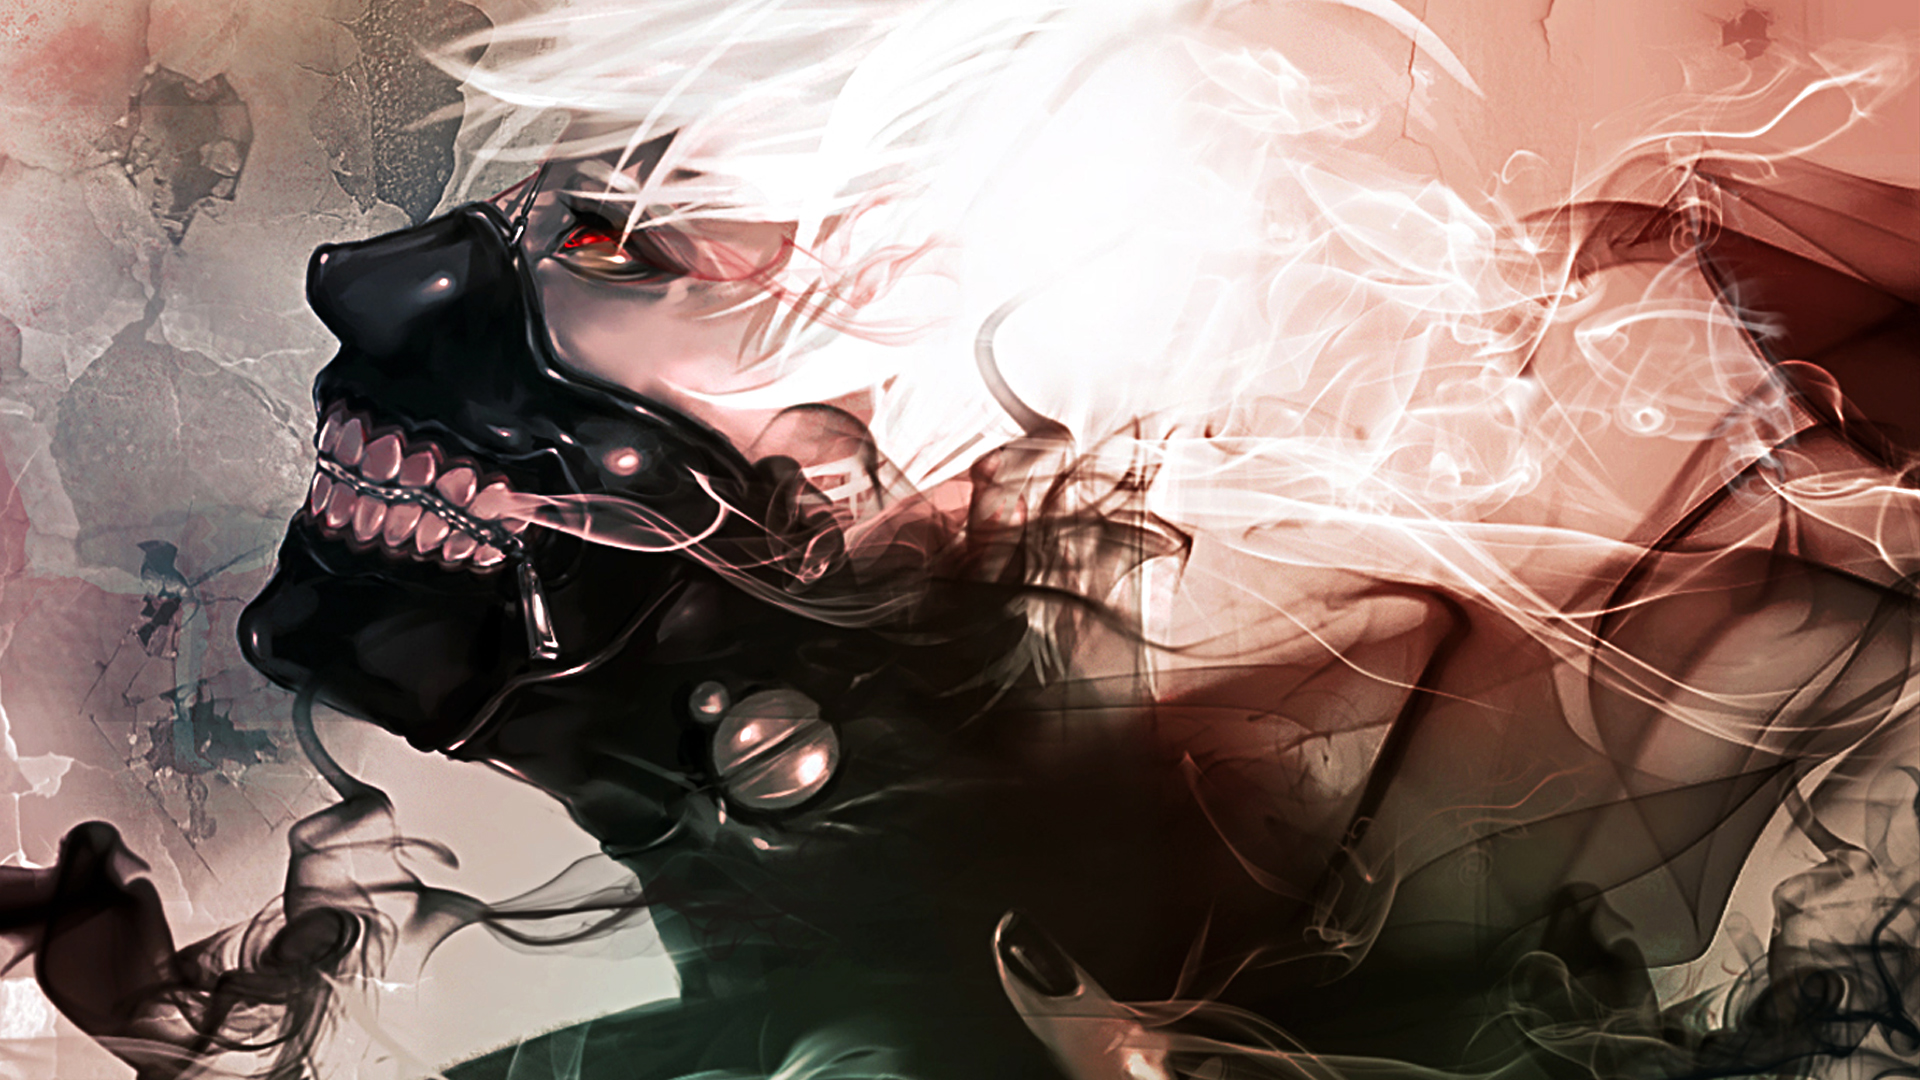 tokyo ghoul anime ken kaneki smoke red eyes mask 1920x1080